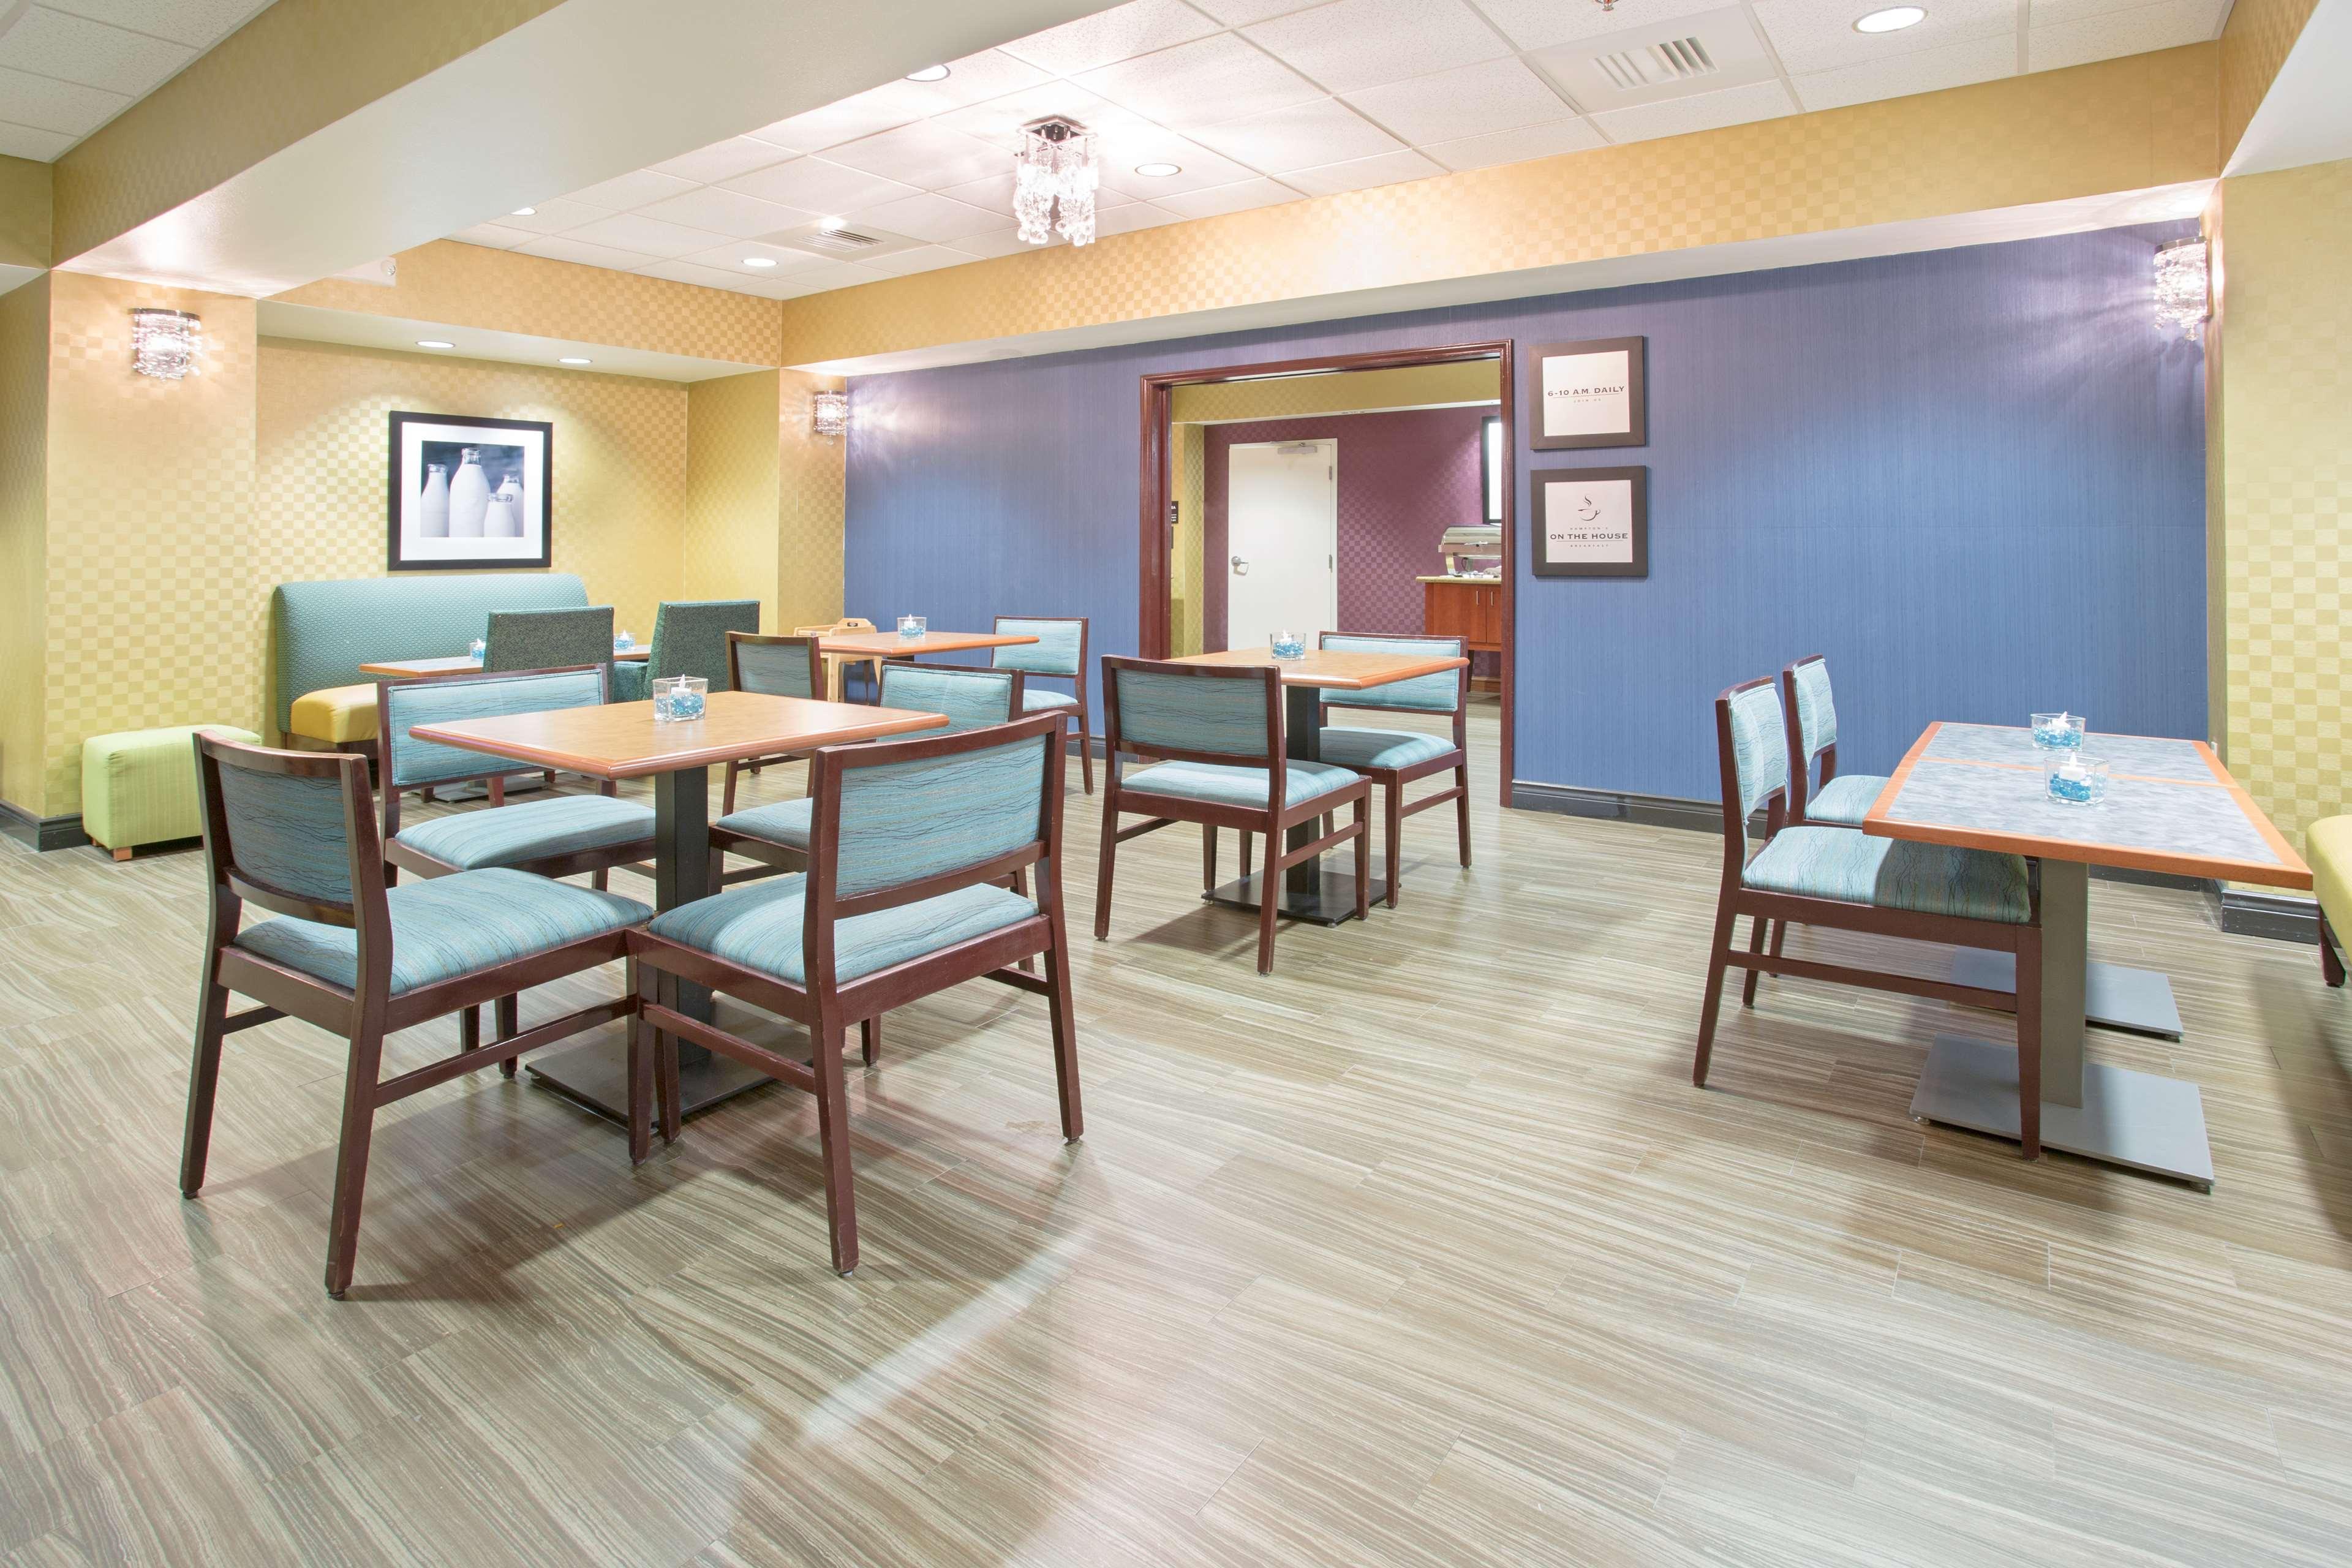 Hampton Inn Santa Rosa image 8